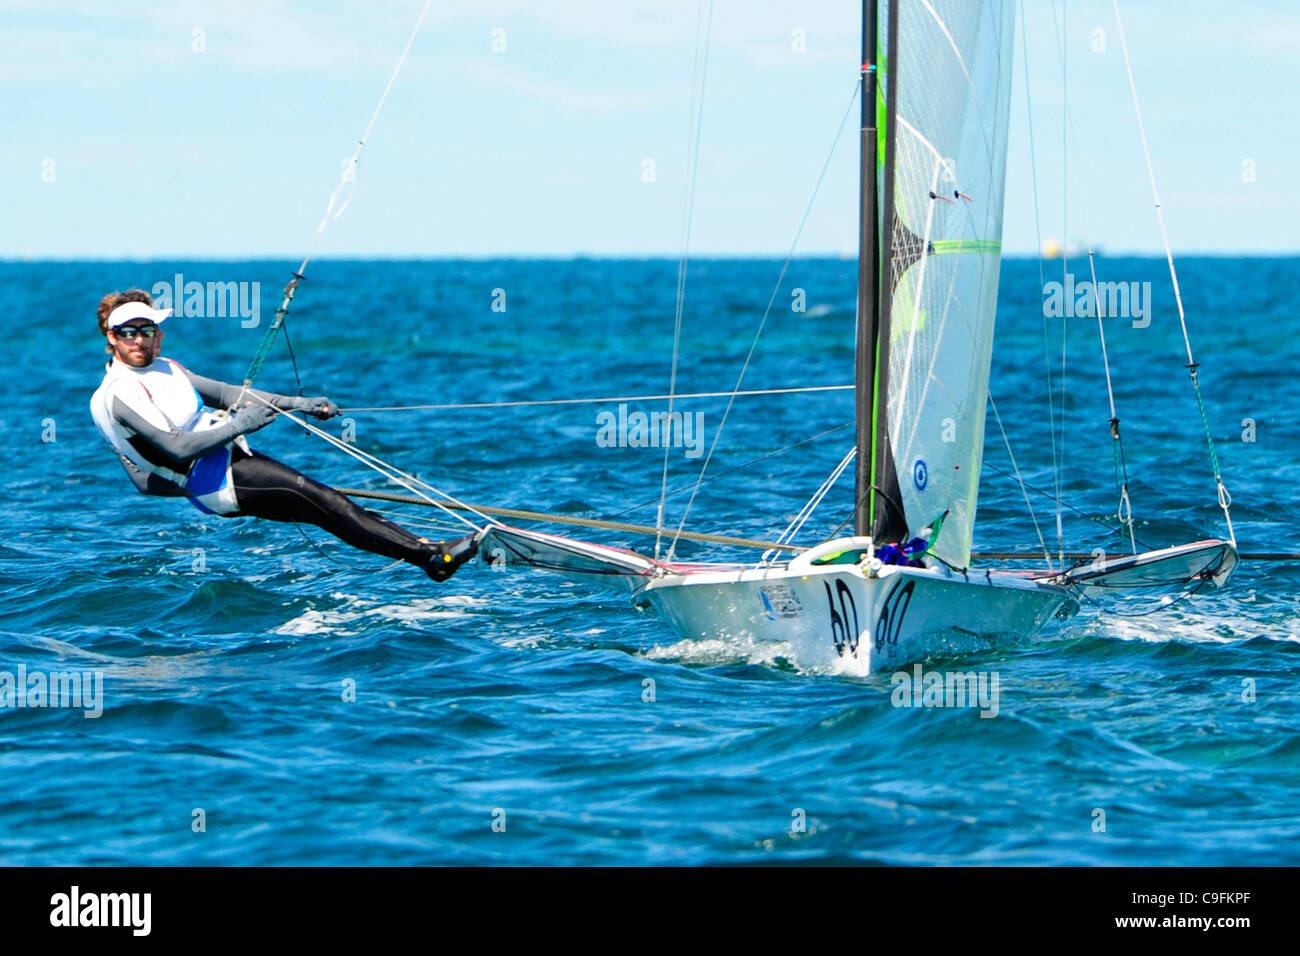 16.12.2011. Perth, Australia. Noe Delpech (FRA) and Julien D'ortoli (FRA) competes in the 49er men's skiff - Stock Image